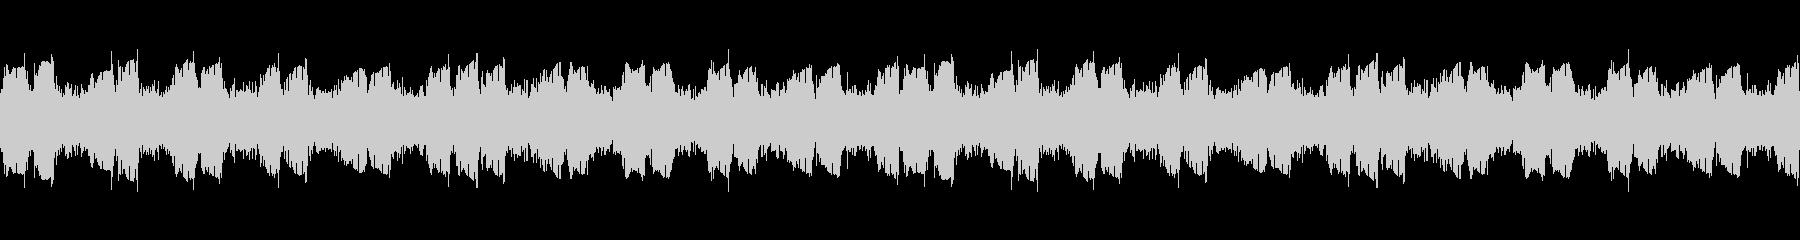 ヘビーギター2、BPM140、A、リフの未再生の波形